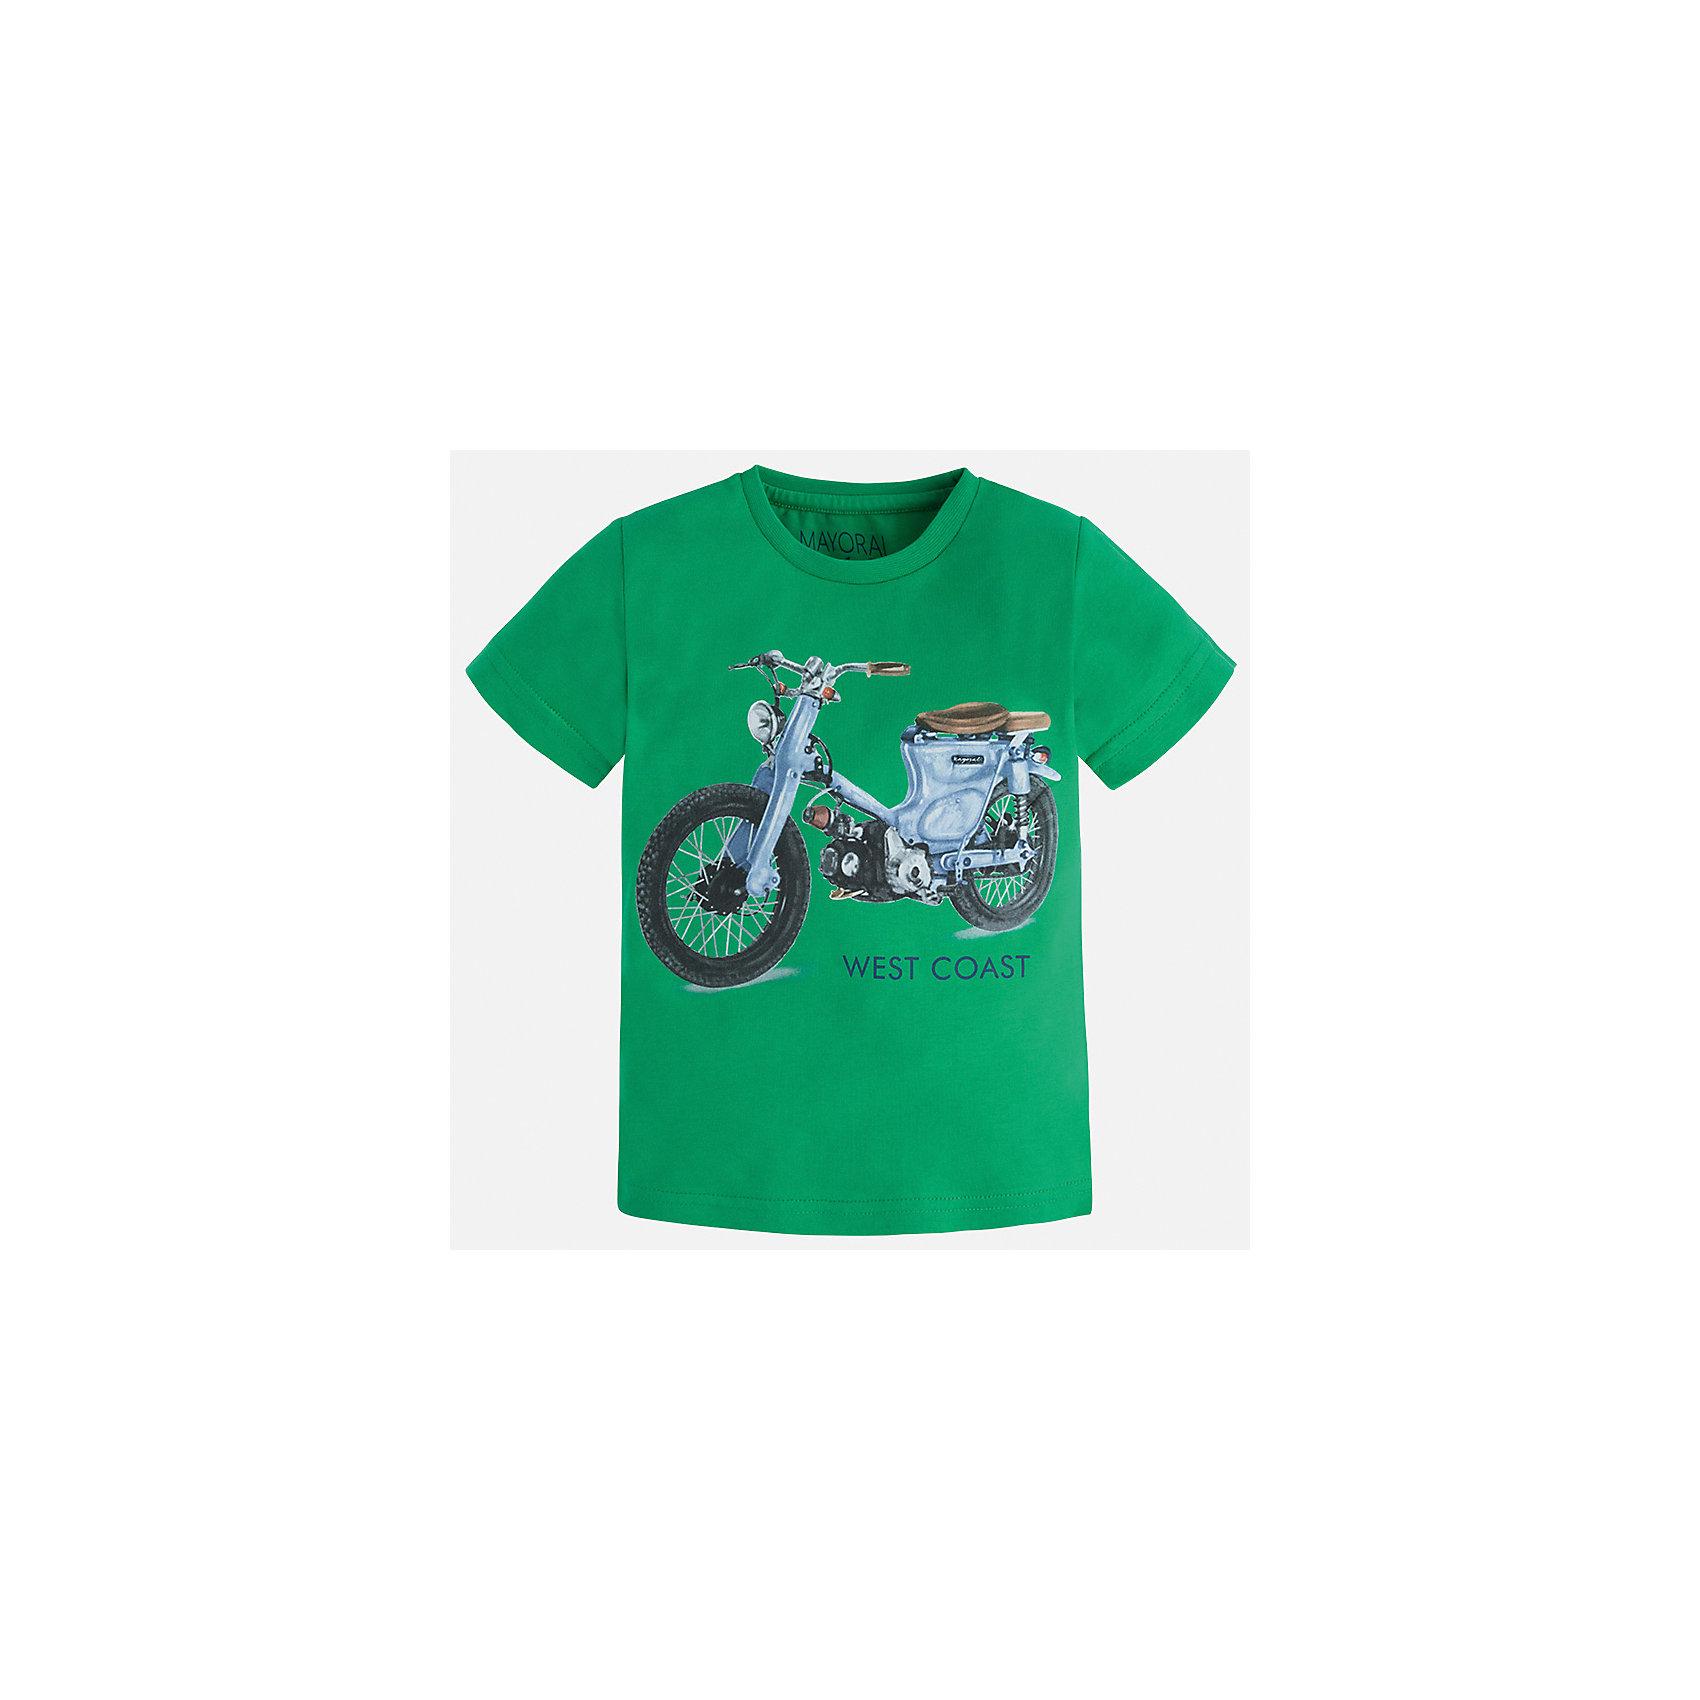 Футболка для мальчика MayoralФутболки, поло и топы<br>Характеристики товара:<br><br>• цвет: зеленый<br>• состав: 100% хлопок<br>• круглый горловой вырез<br>• декорирована принтом<br>• короткие рукава<br>• отделка горловины<br>• страна бренда: Испания<br><br>Стильная удобная футболка с принтом поможет разнообразить гардероб мальчика. Она отлично сочетается с брюками, шортами, джинсами. Универсальный крой и цвет позволяет подобрать к вещи низ разных расцветок. Практичное и стильное изделие! Хорошо смотрится и комфортно сидит на детях. В составе материала - только натуральный хлопок, гипоаллергенный, приятный на ощупь, дышащий. <br>Одежда, обувь и аксессуары от испанского бренда Mayoral полюбились детям и взрослым по всему миру. Модели этой марки - стильные и удобные. Для их производства используются только безопасные, качественные материалы и фурнитура. Порадуйте ребенка модными и красивыми вещами от Mayoral! <br><br>Футболку для мальчика от испанского бренда Mayoral (Майорал) можно купить в нашем интернет-магазине.<br><br>Ширина мм: 199<br>Глубина мм: 10<br>Высота мм: 161<br>Вес г: 151<br>Цвет: зеленый<br>Возраст от месяцев: 18<br>Возраст до месяцев: 24<br>Пол: Мужской<br>Возраст: Детский<br>Размер: 92,134,128,122,116,110,104,98<br>SKU: 5280017